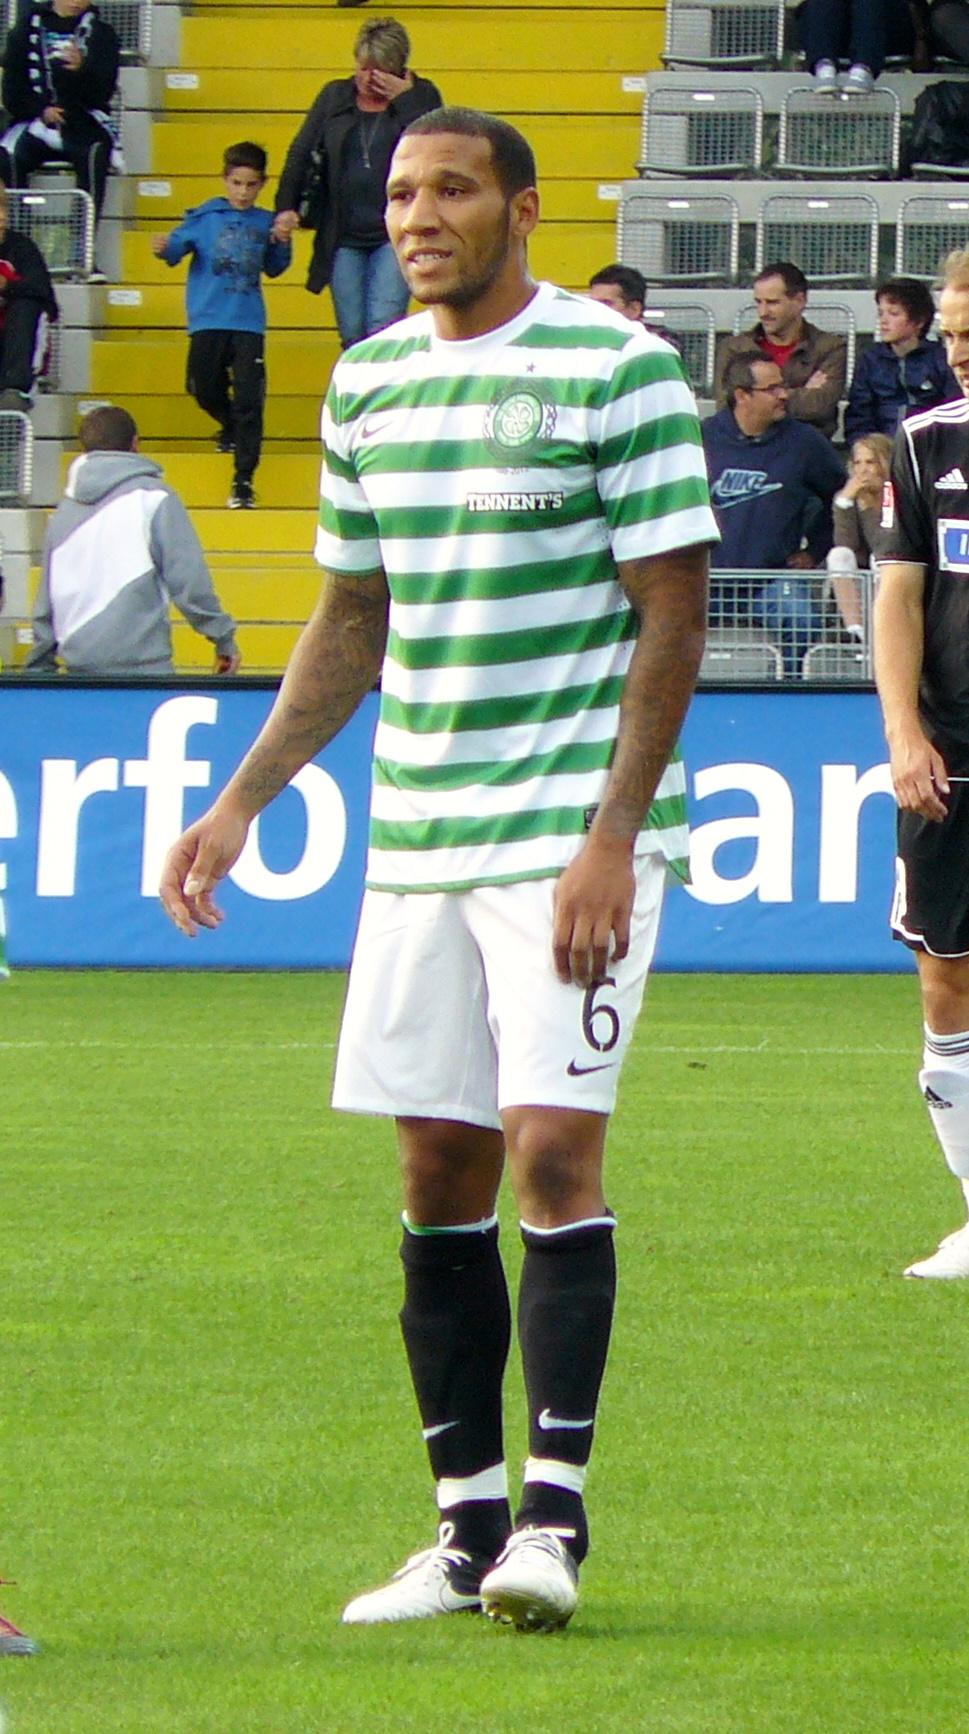 Немецкий футболист кельвин